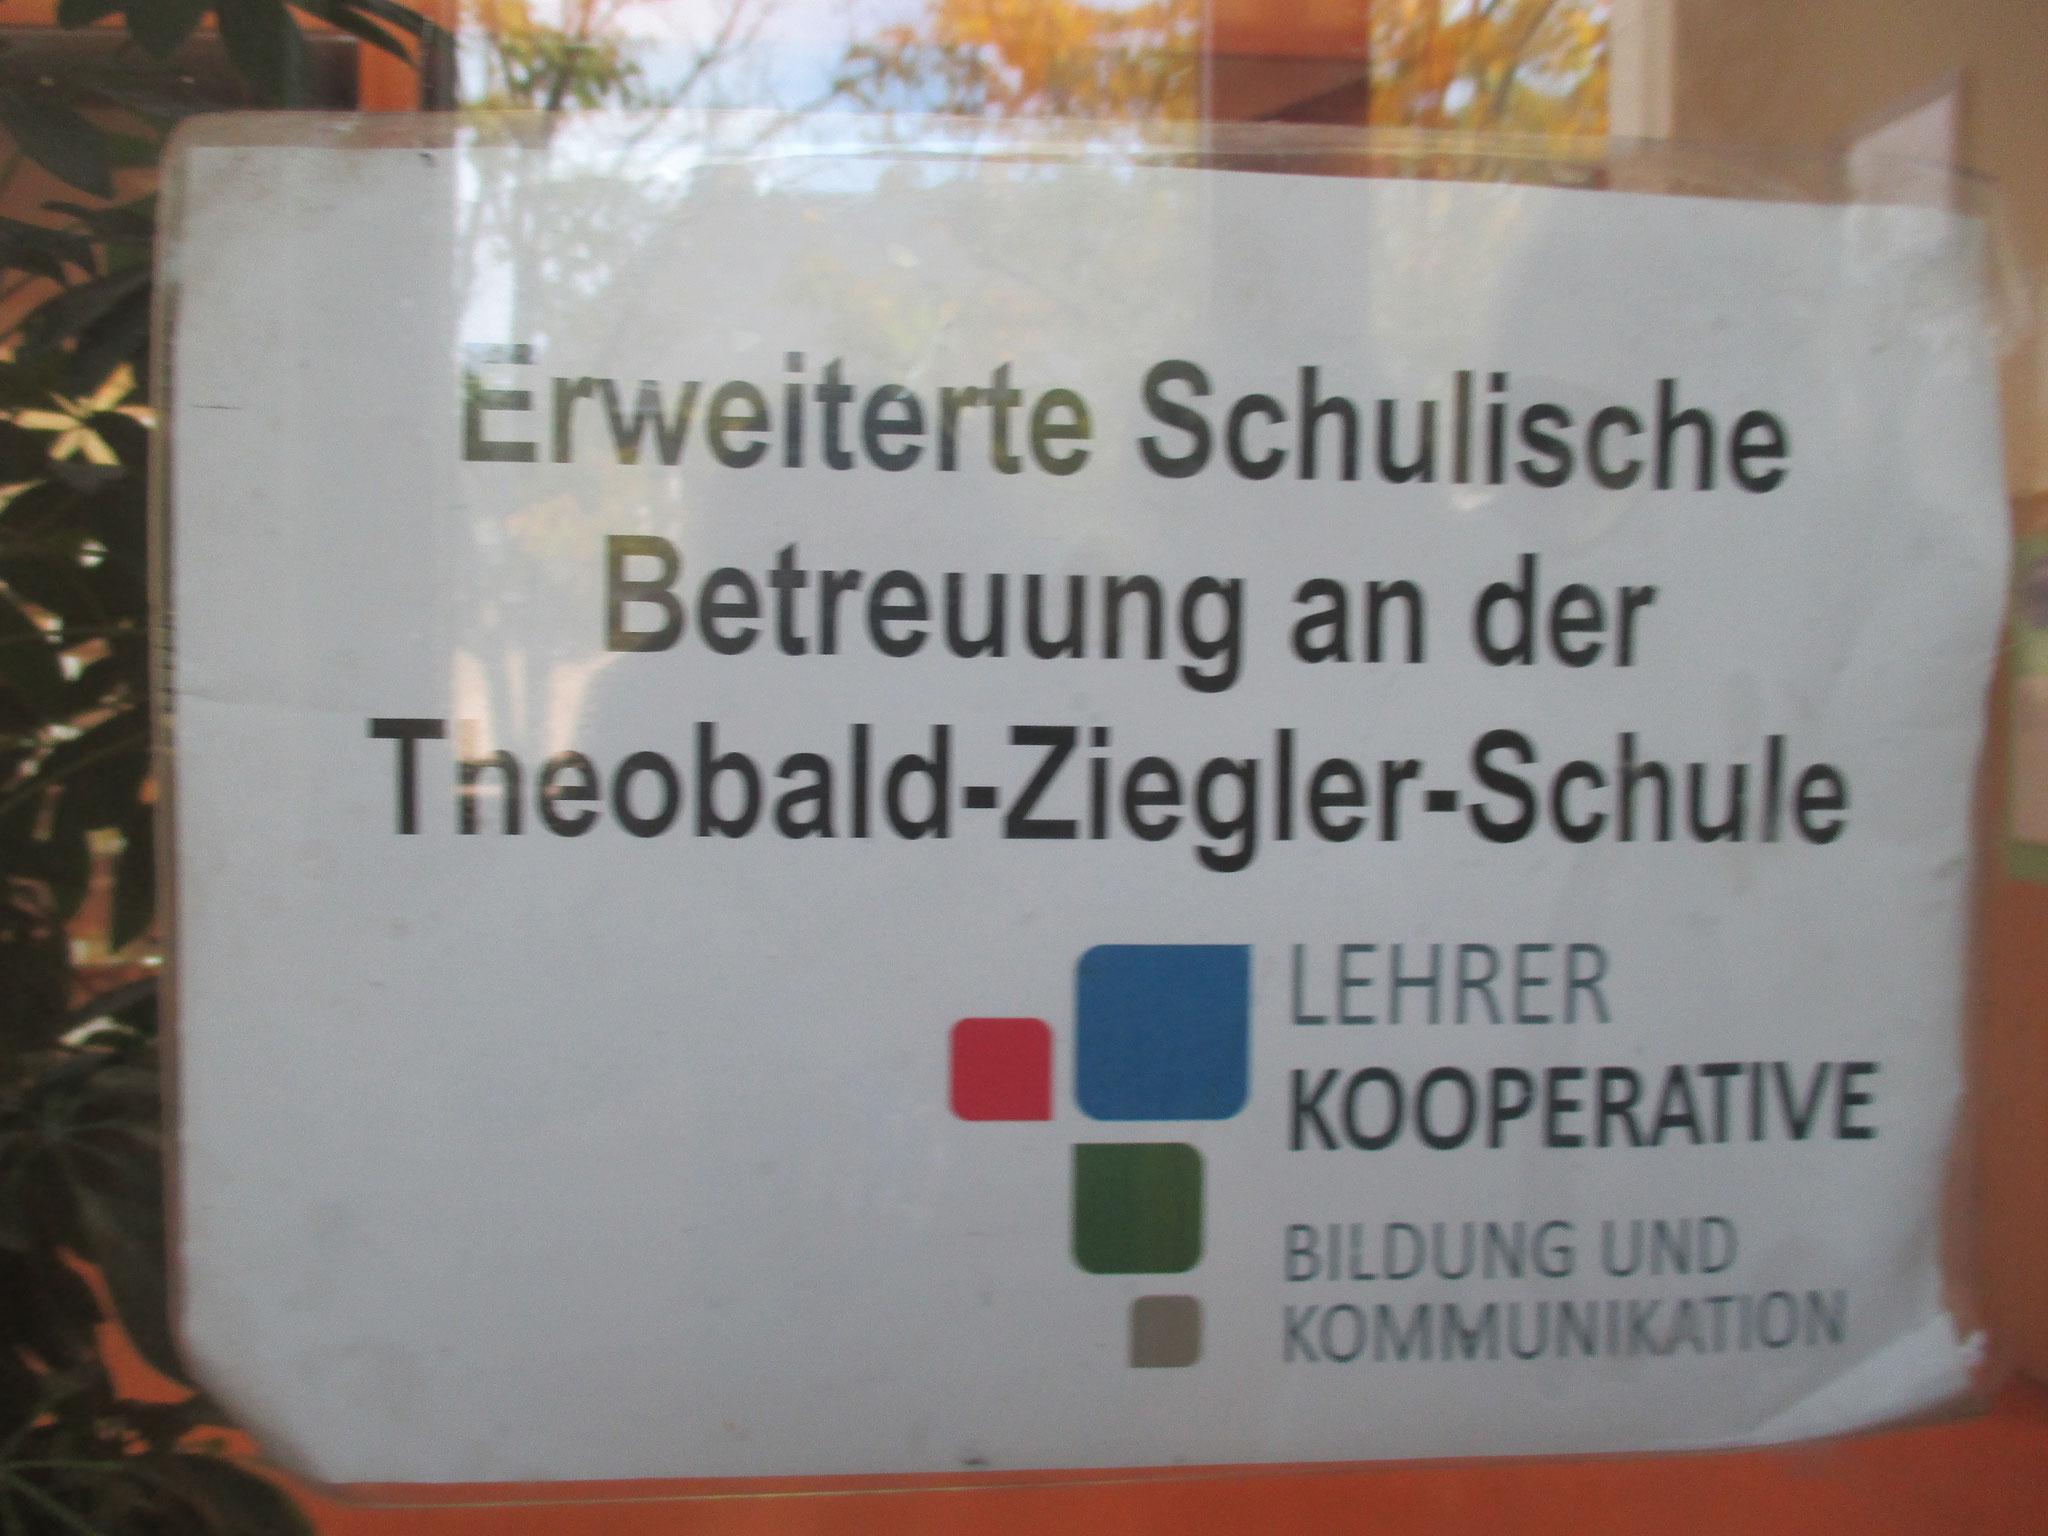 Die ESB ist von der Lehrer Kooperative